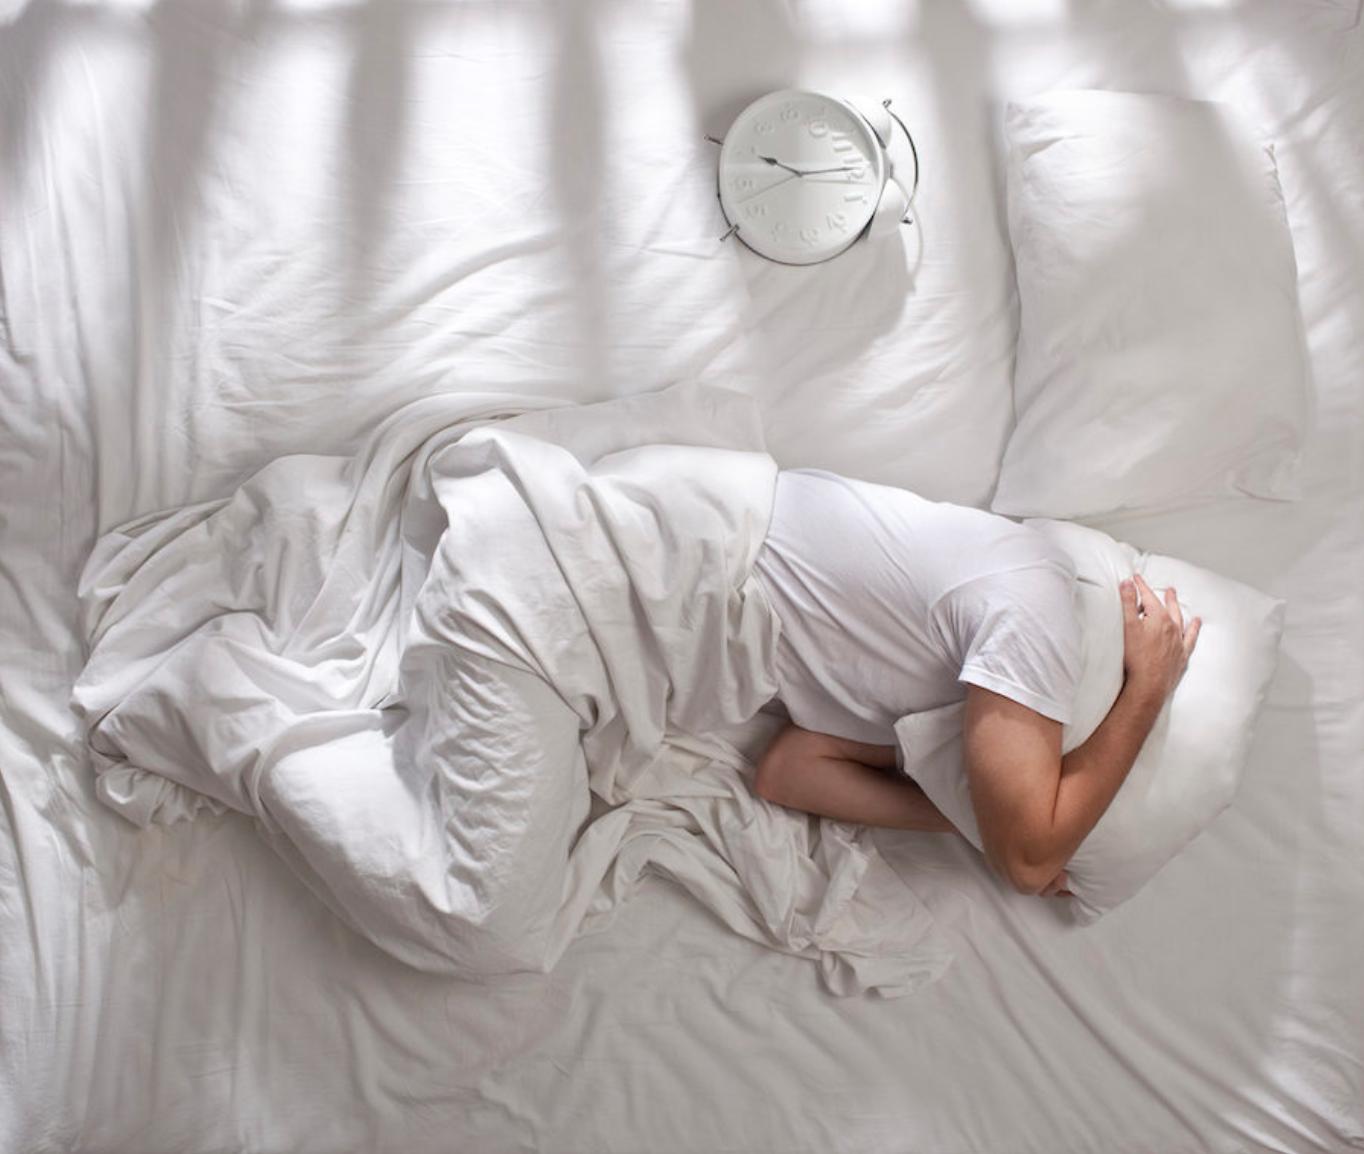 traitement des troubles du sommeil psychanalyste paris 15eme paris 8eme